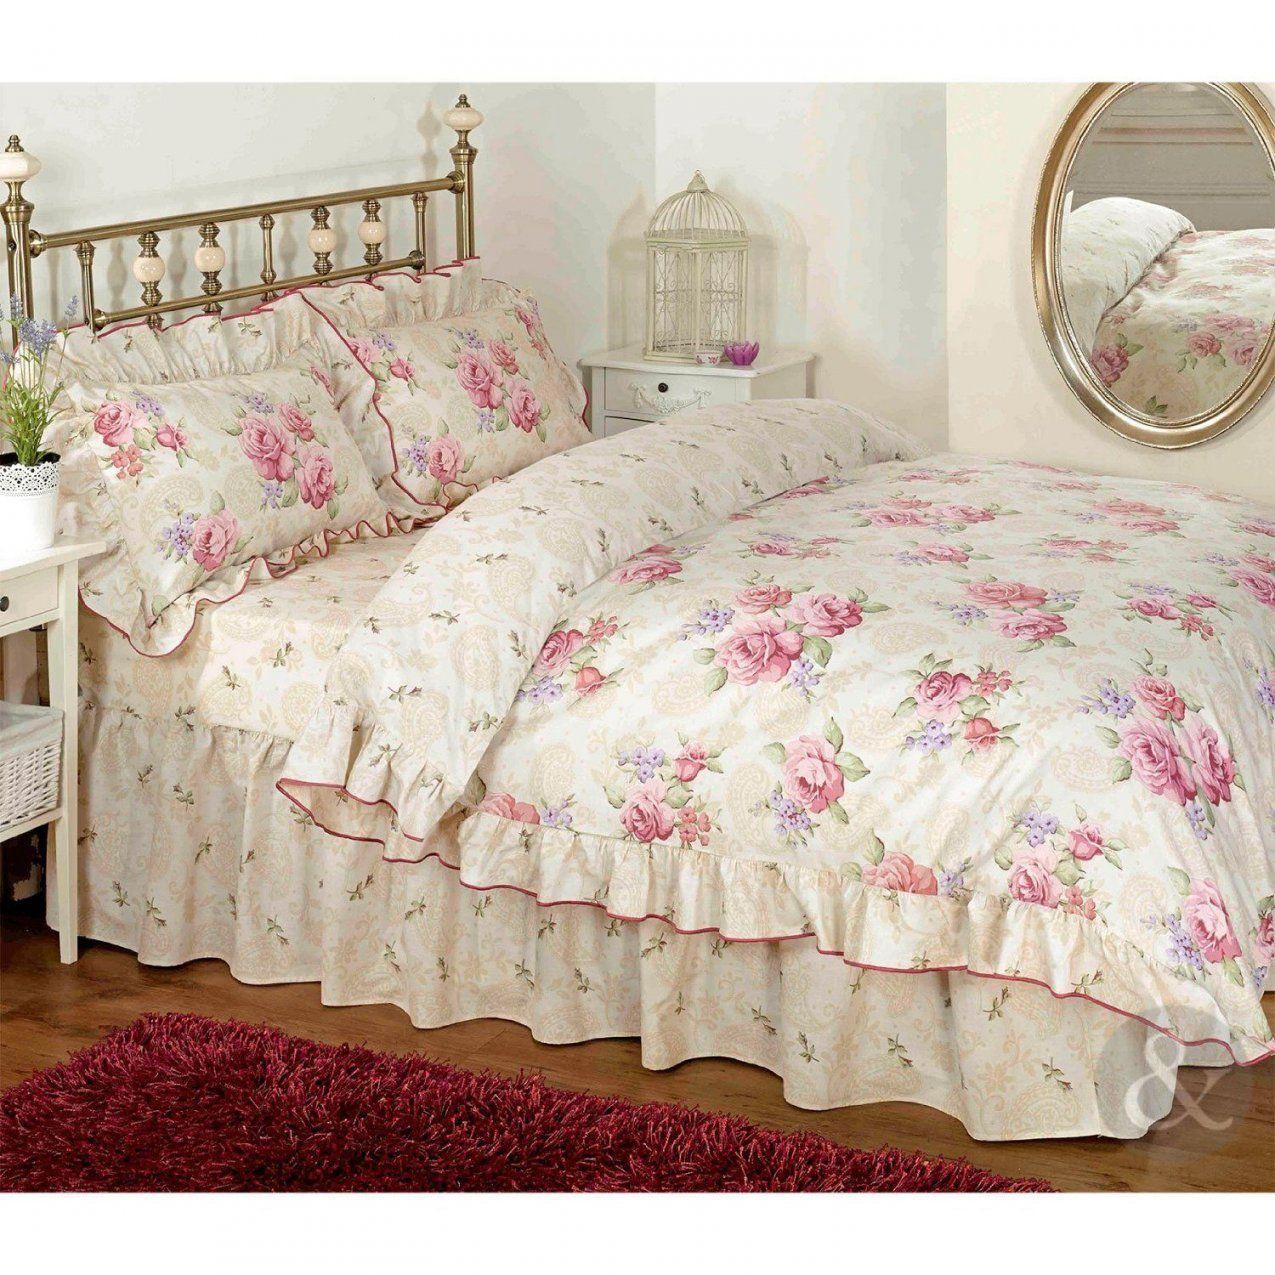 Vintage Floral Rüschen Bettwäsche Creme Beige Rosa Bettwäsche Set von Rüschen Bettwäsche Weiß Bild